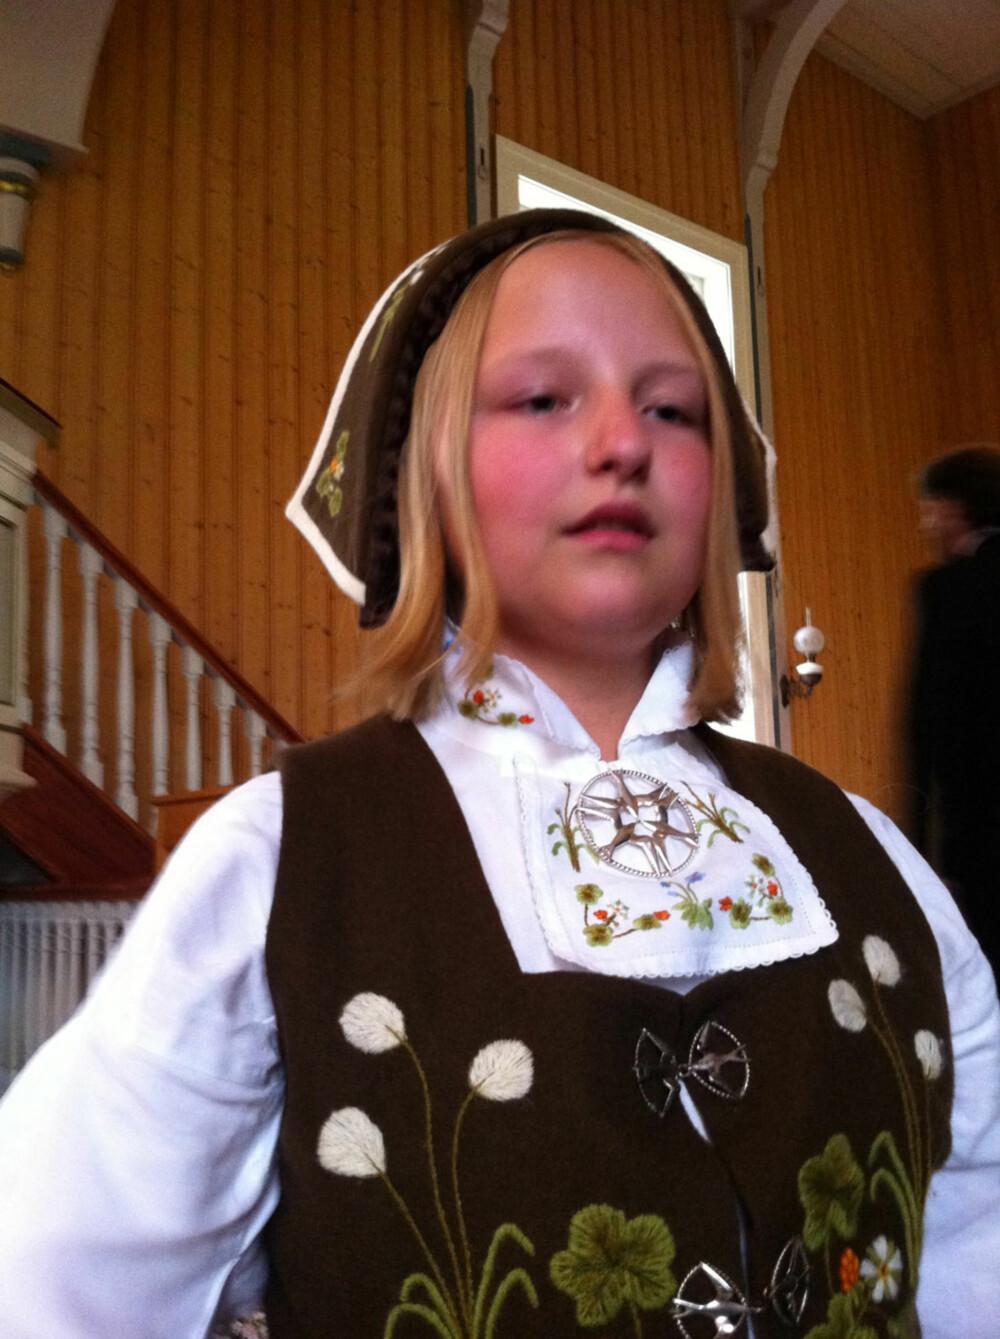 BUNAD:  Hva slags bunad er dette?: Senjabunad  Hvem ser vi på bildet? : Henriette Renmælmo Sletten  Hvor er bildet tatt, og i hvilken situasjon?: I Målselv bryllup til tante .